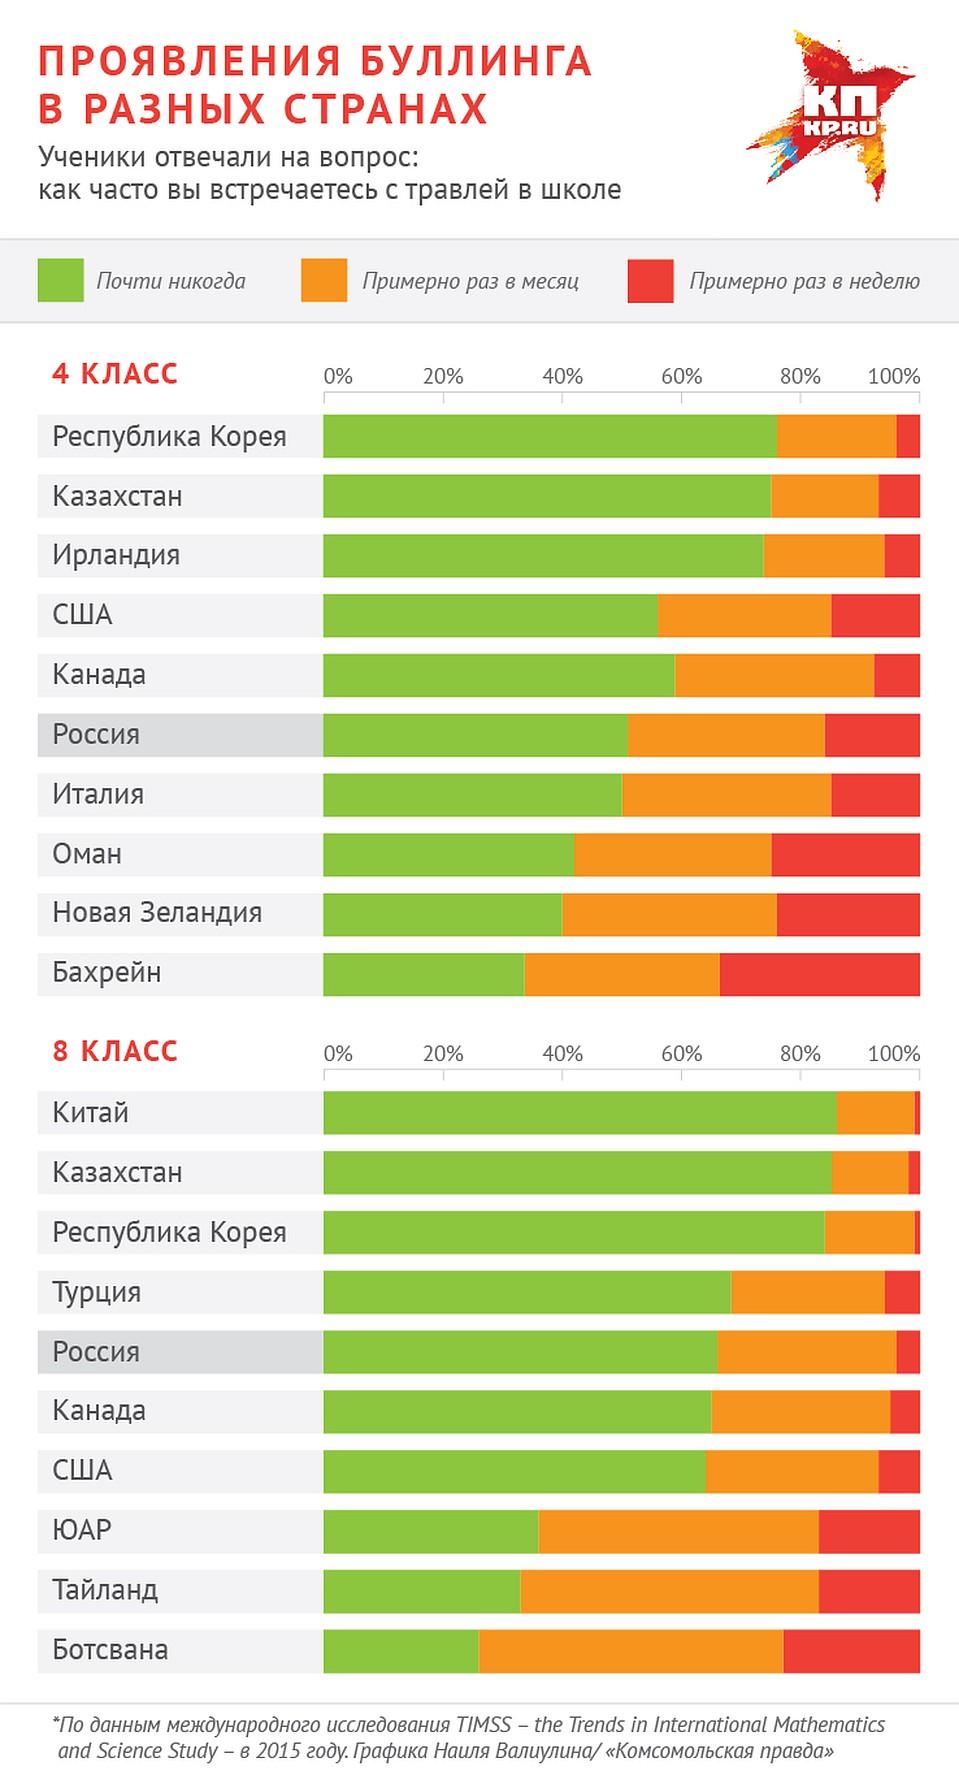 Соблюдение тишины в московской области 2020